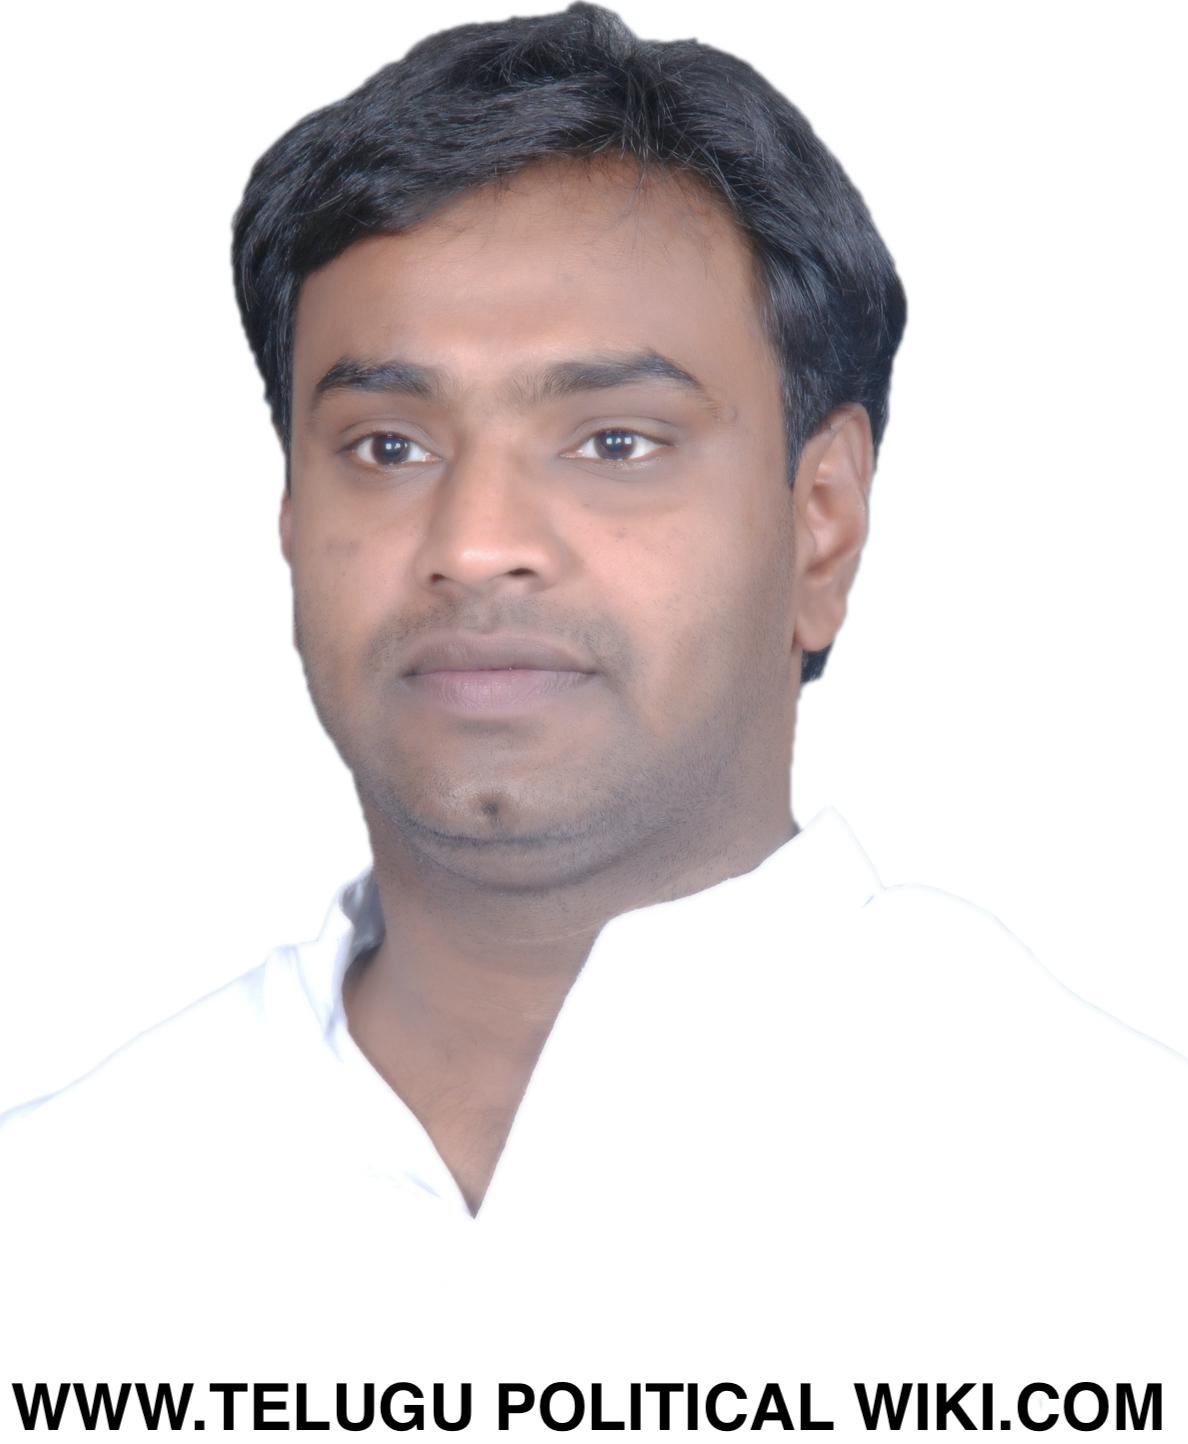 P Vishnuvardhan Reddy